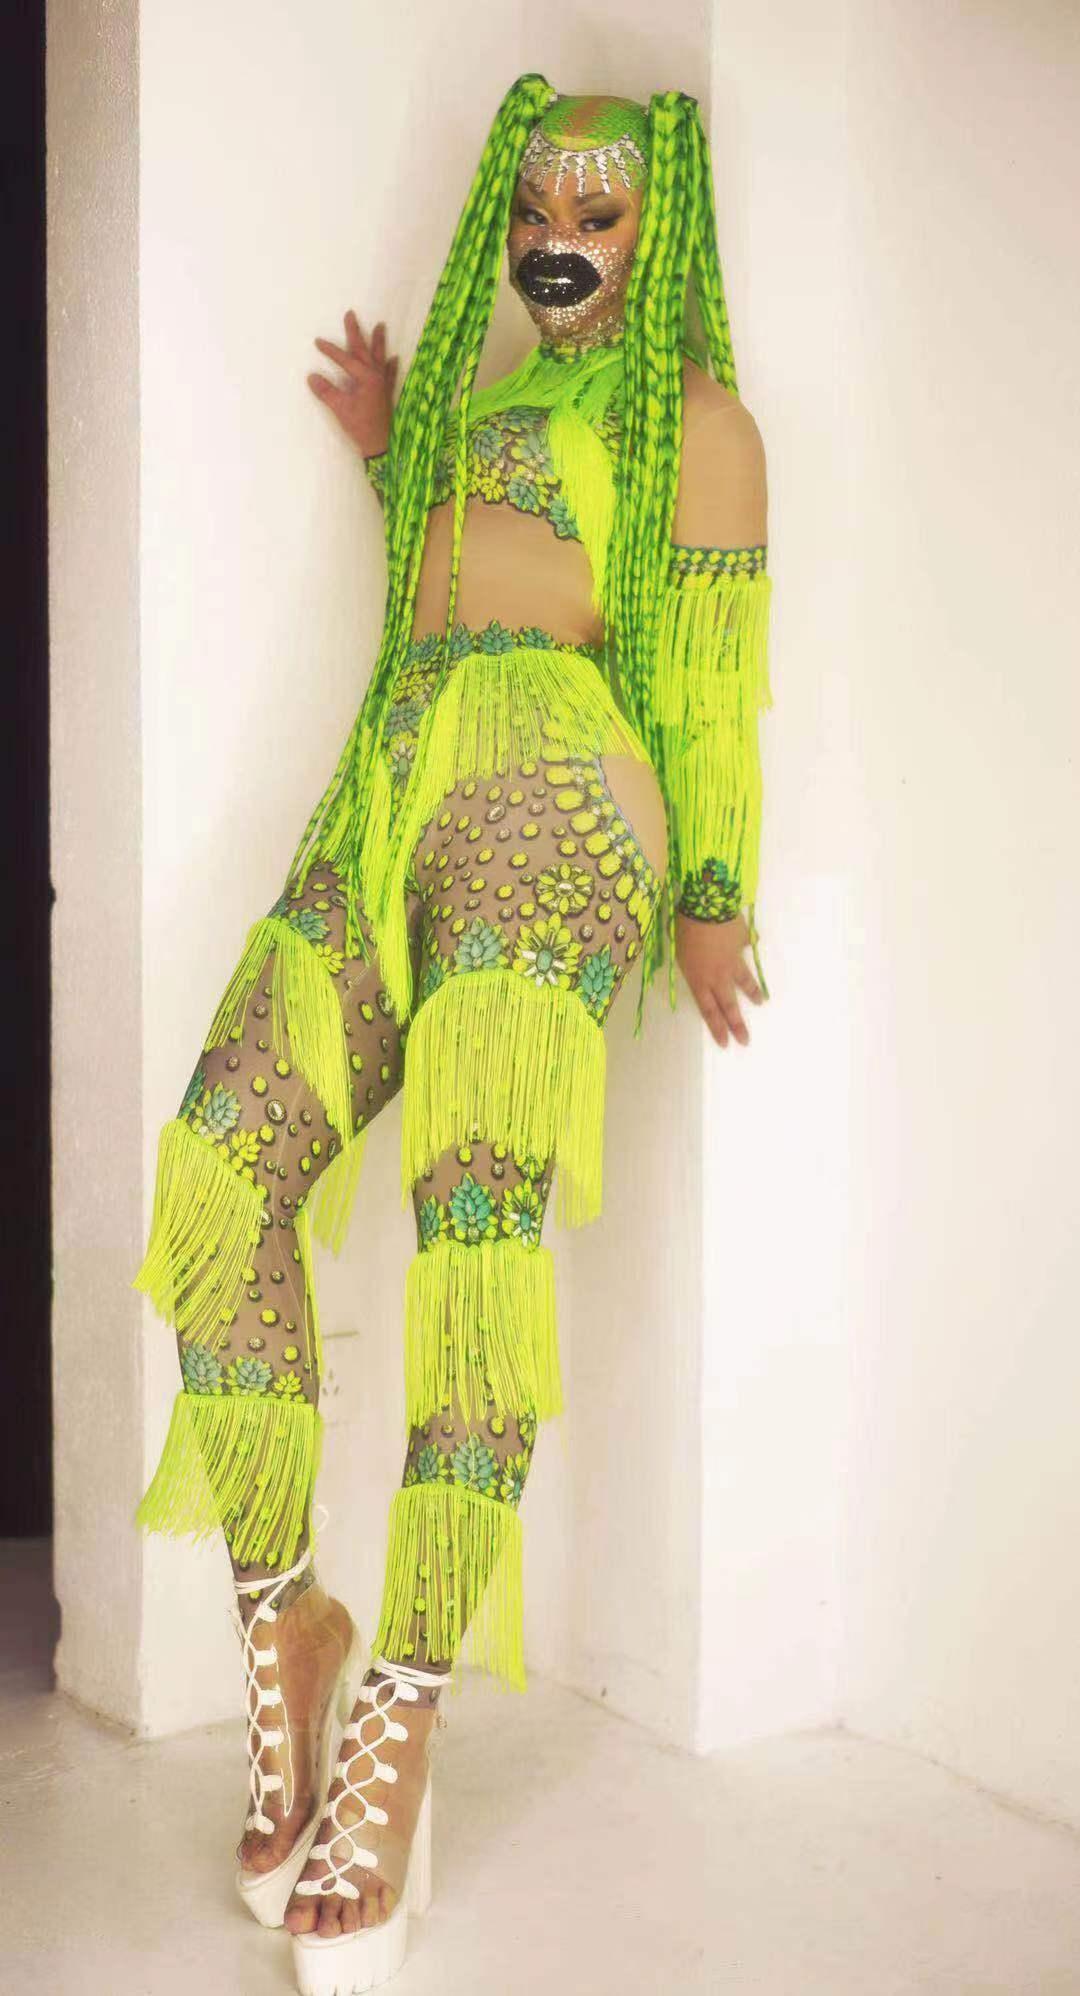 شرابات بذلة المرأة رومبير طباعة طويلة الأكمام اللاتينية ملابس رقص مثير كلوبوير ملابس الحفلات الزي مرحلة الأداء